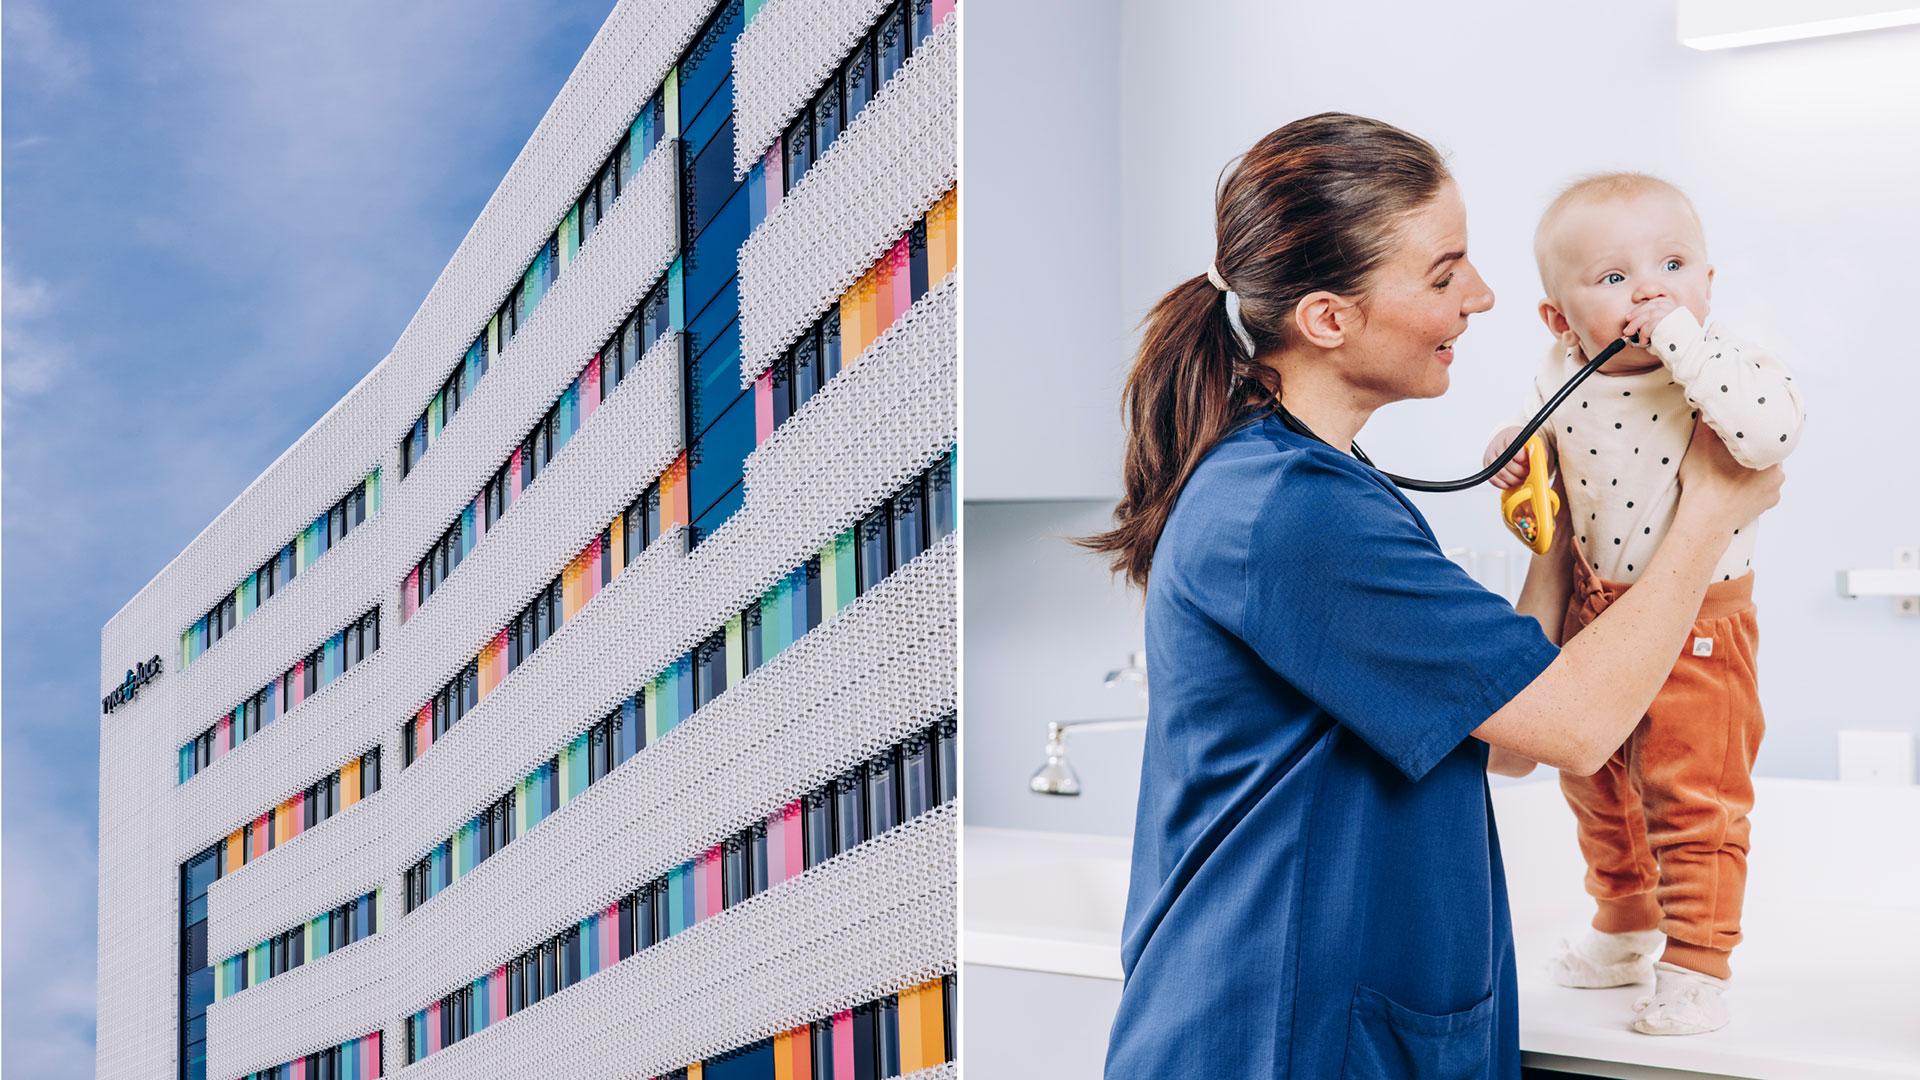 Kuvapari, jossa toisessa kuvassa on sairaala ja toisessa hoitaja pitelemässä vauvaa.